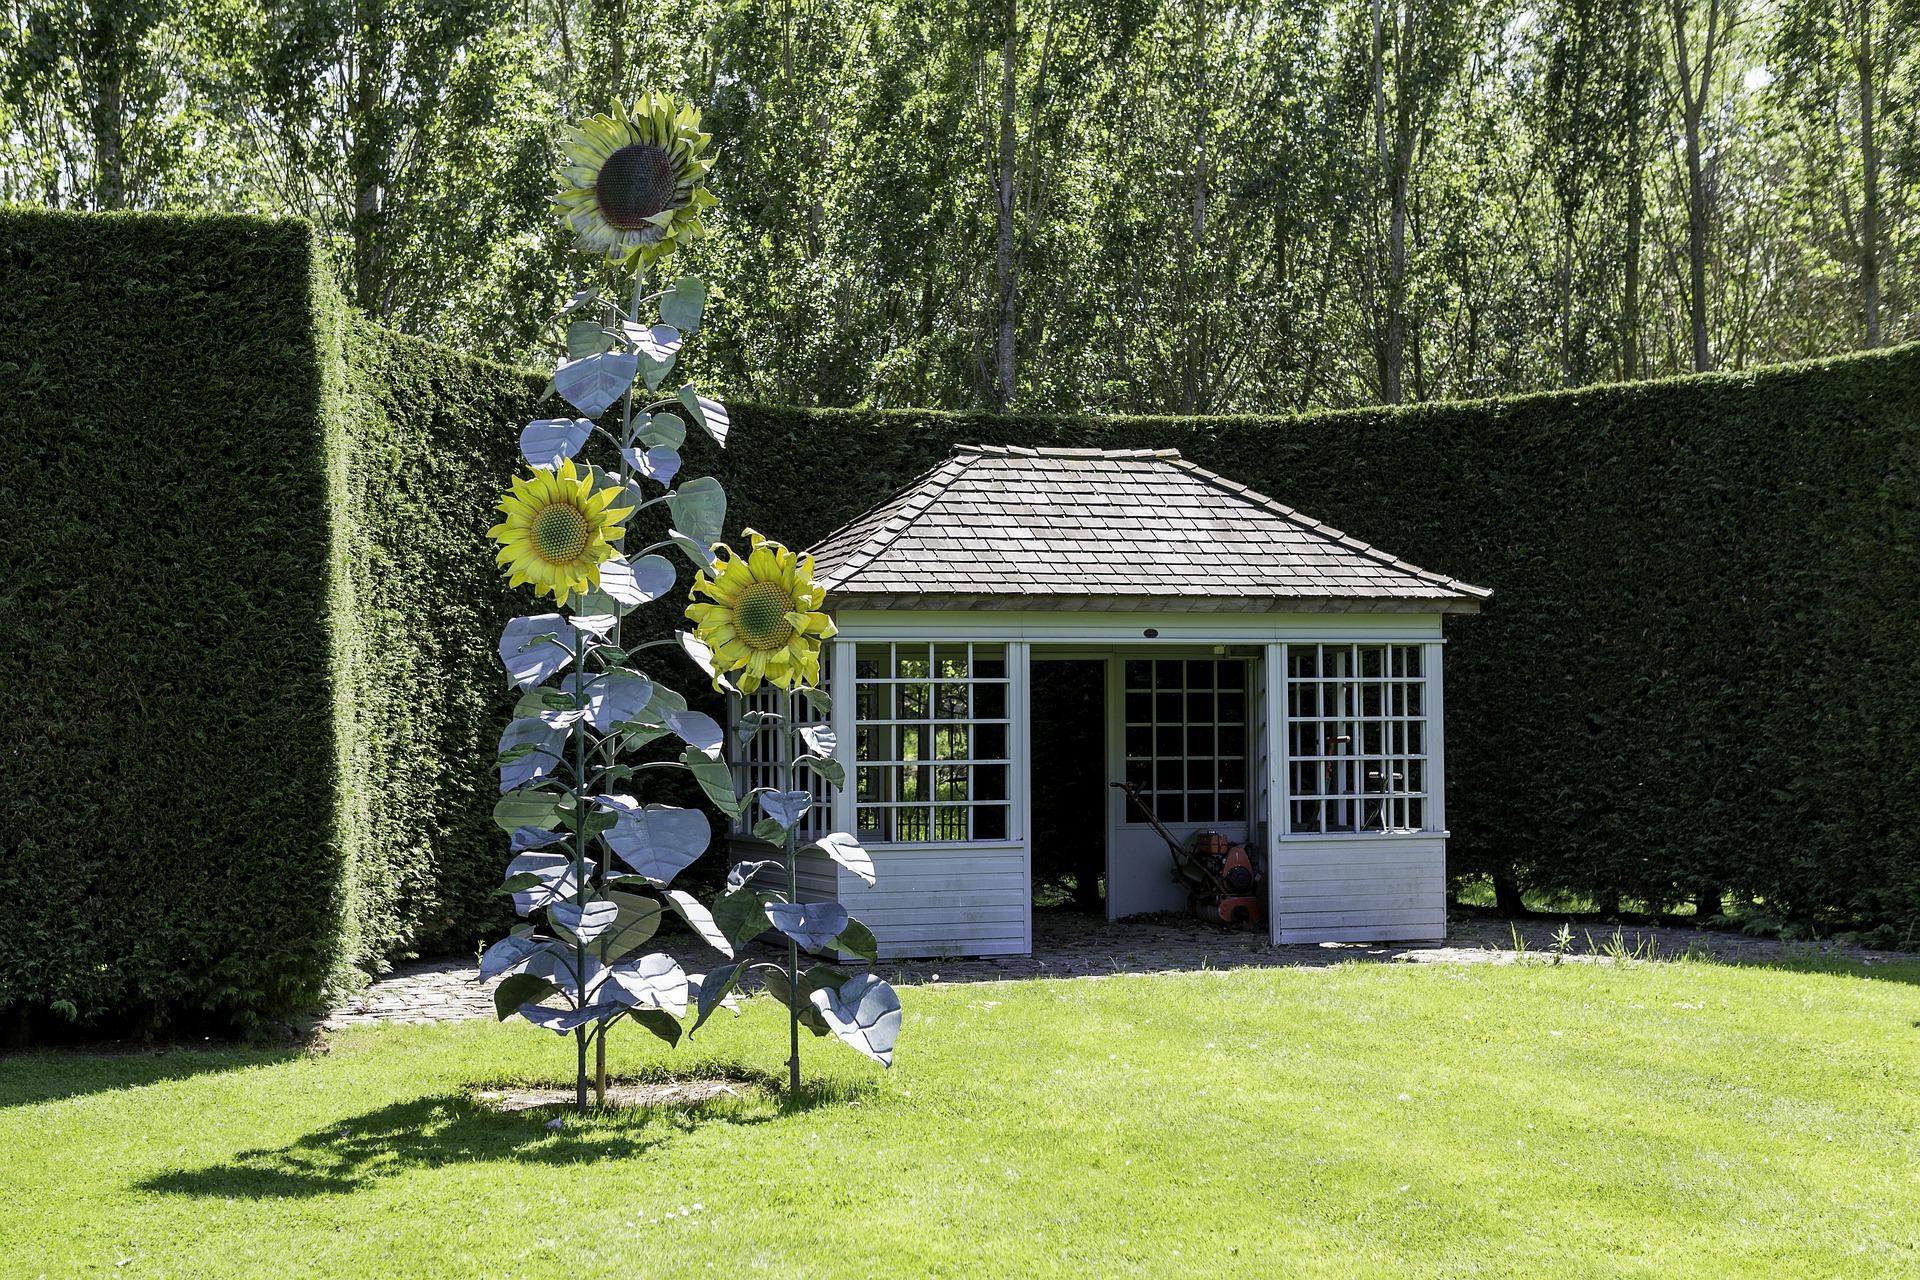 Wpc Gartenhaus Eine Alternative Zum Klassischen Gartenhaus